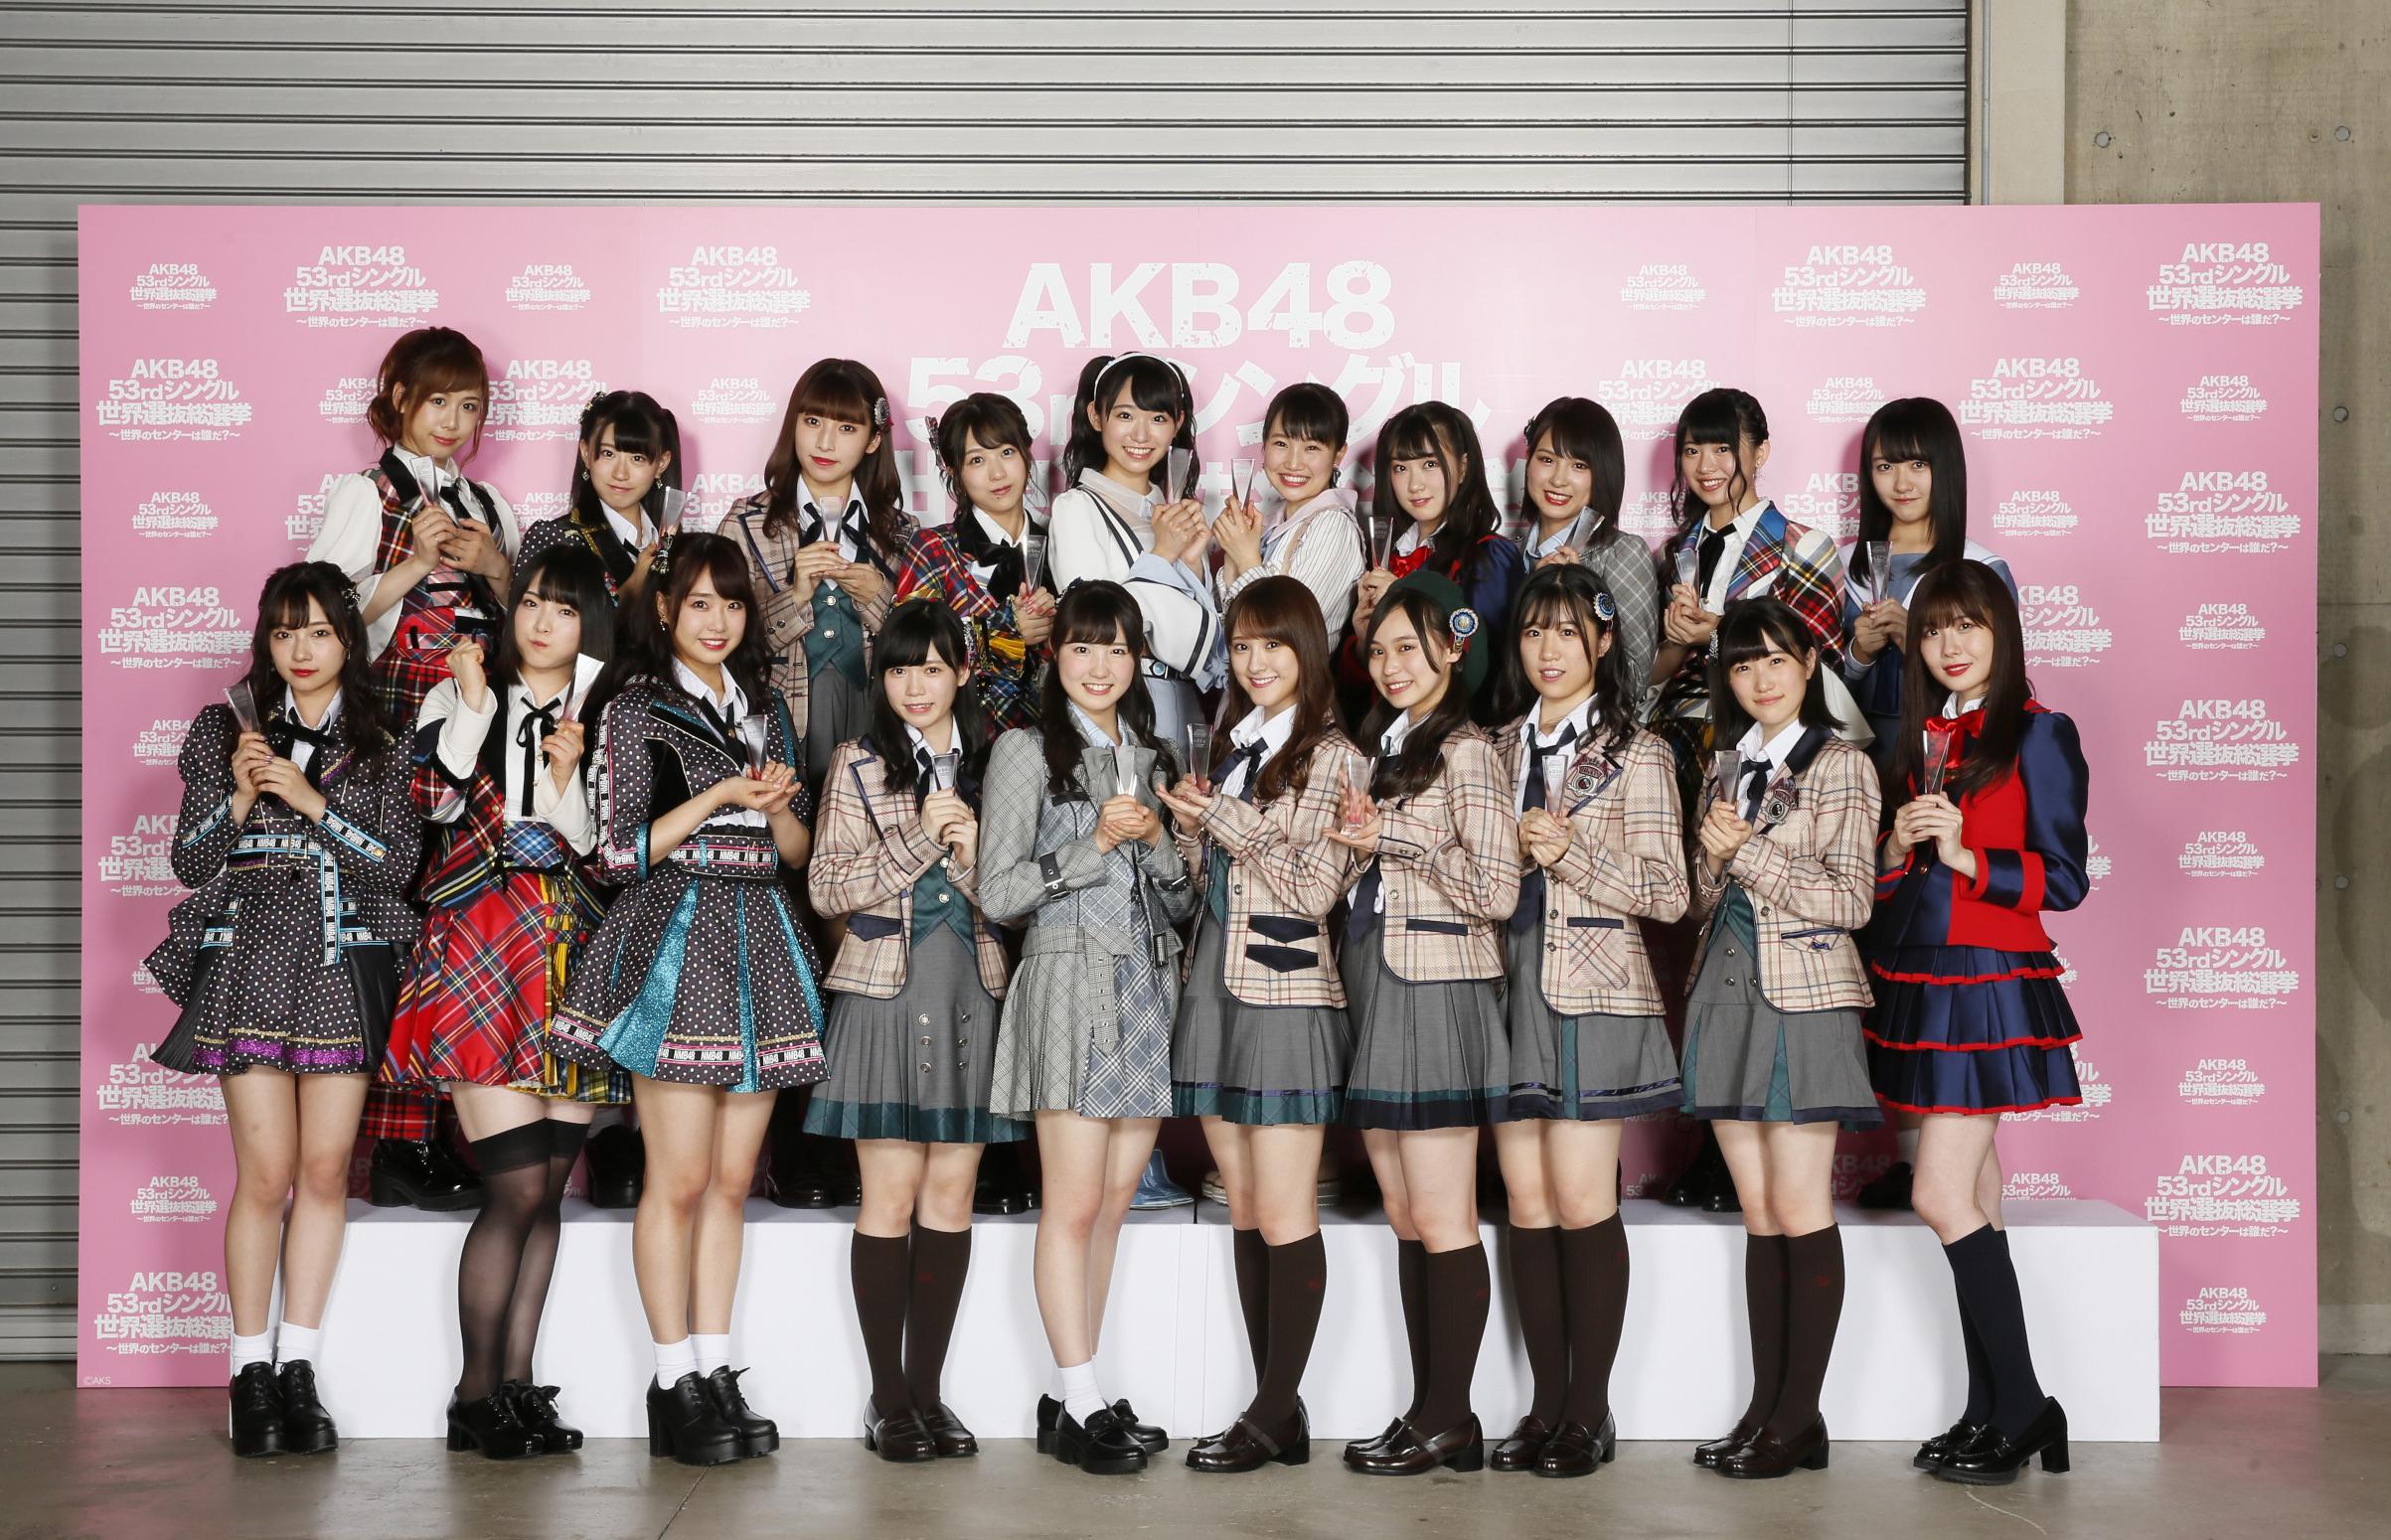 Akb48世界選抜総選挙 集合写真とランクインメンバー Okmusic